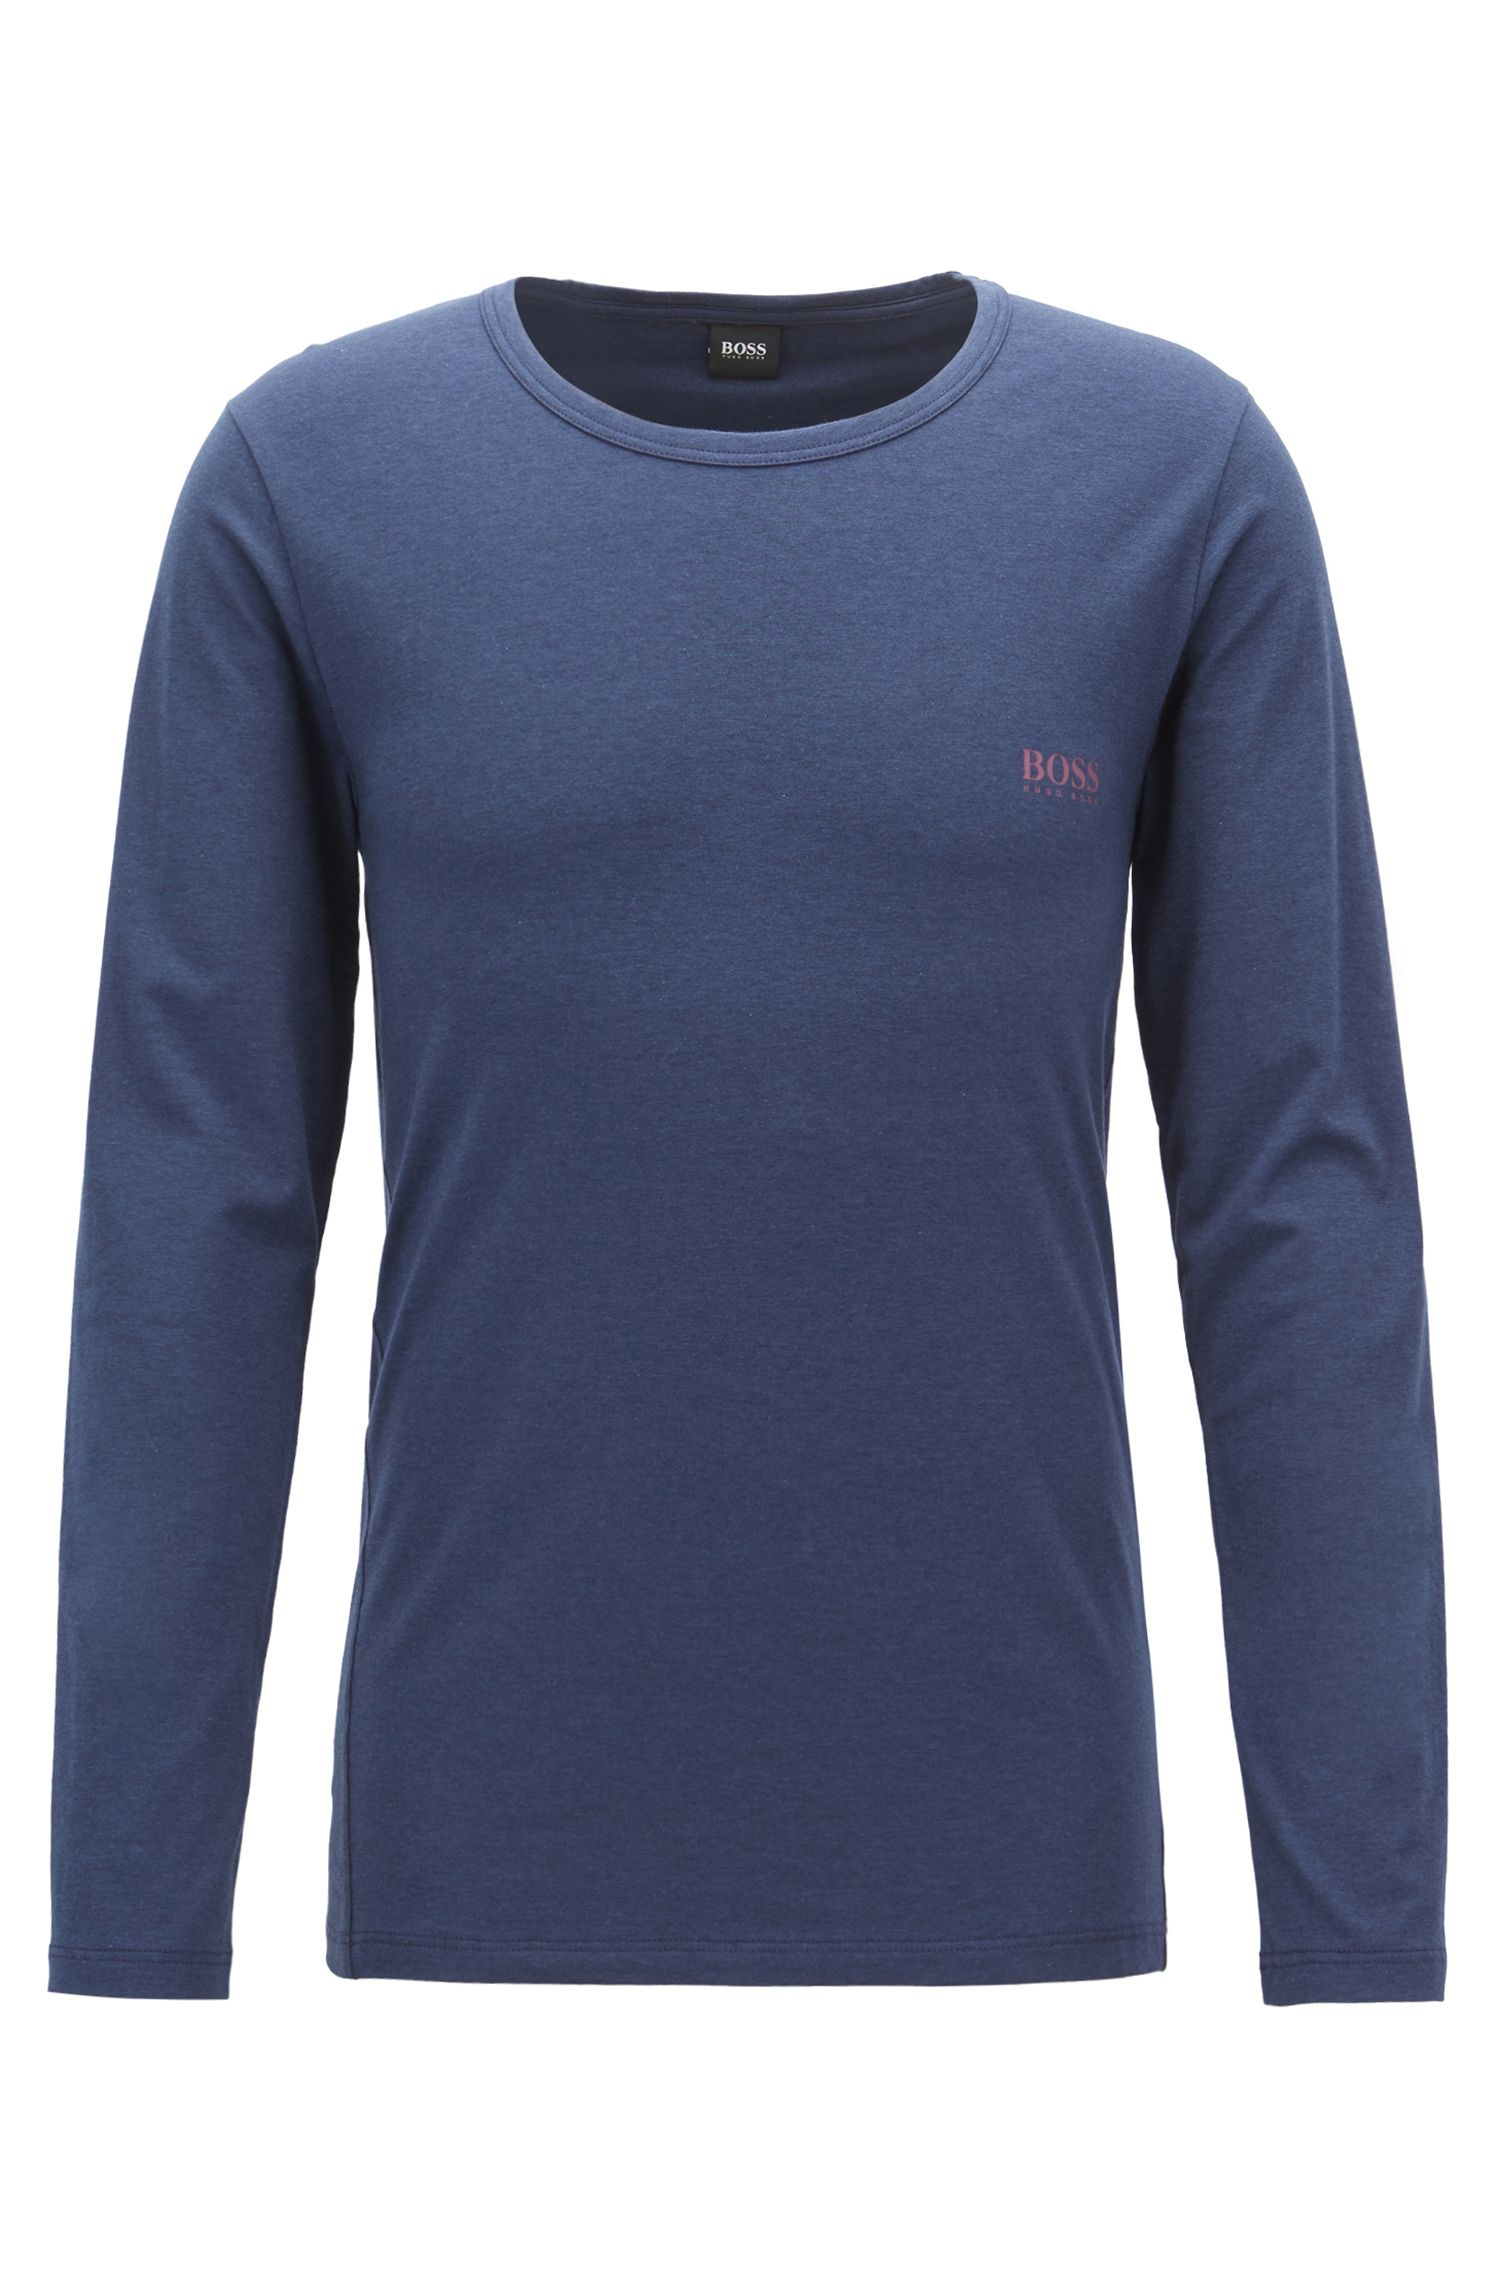 Haut de sous-vêtement à manches longues en jersey stretch avec logo